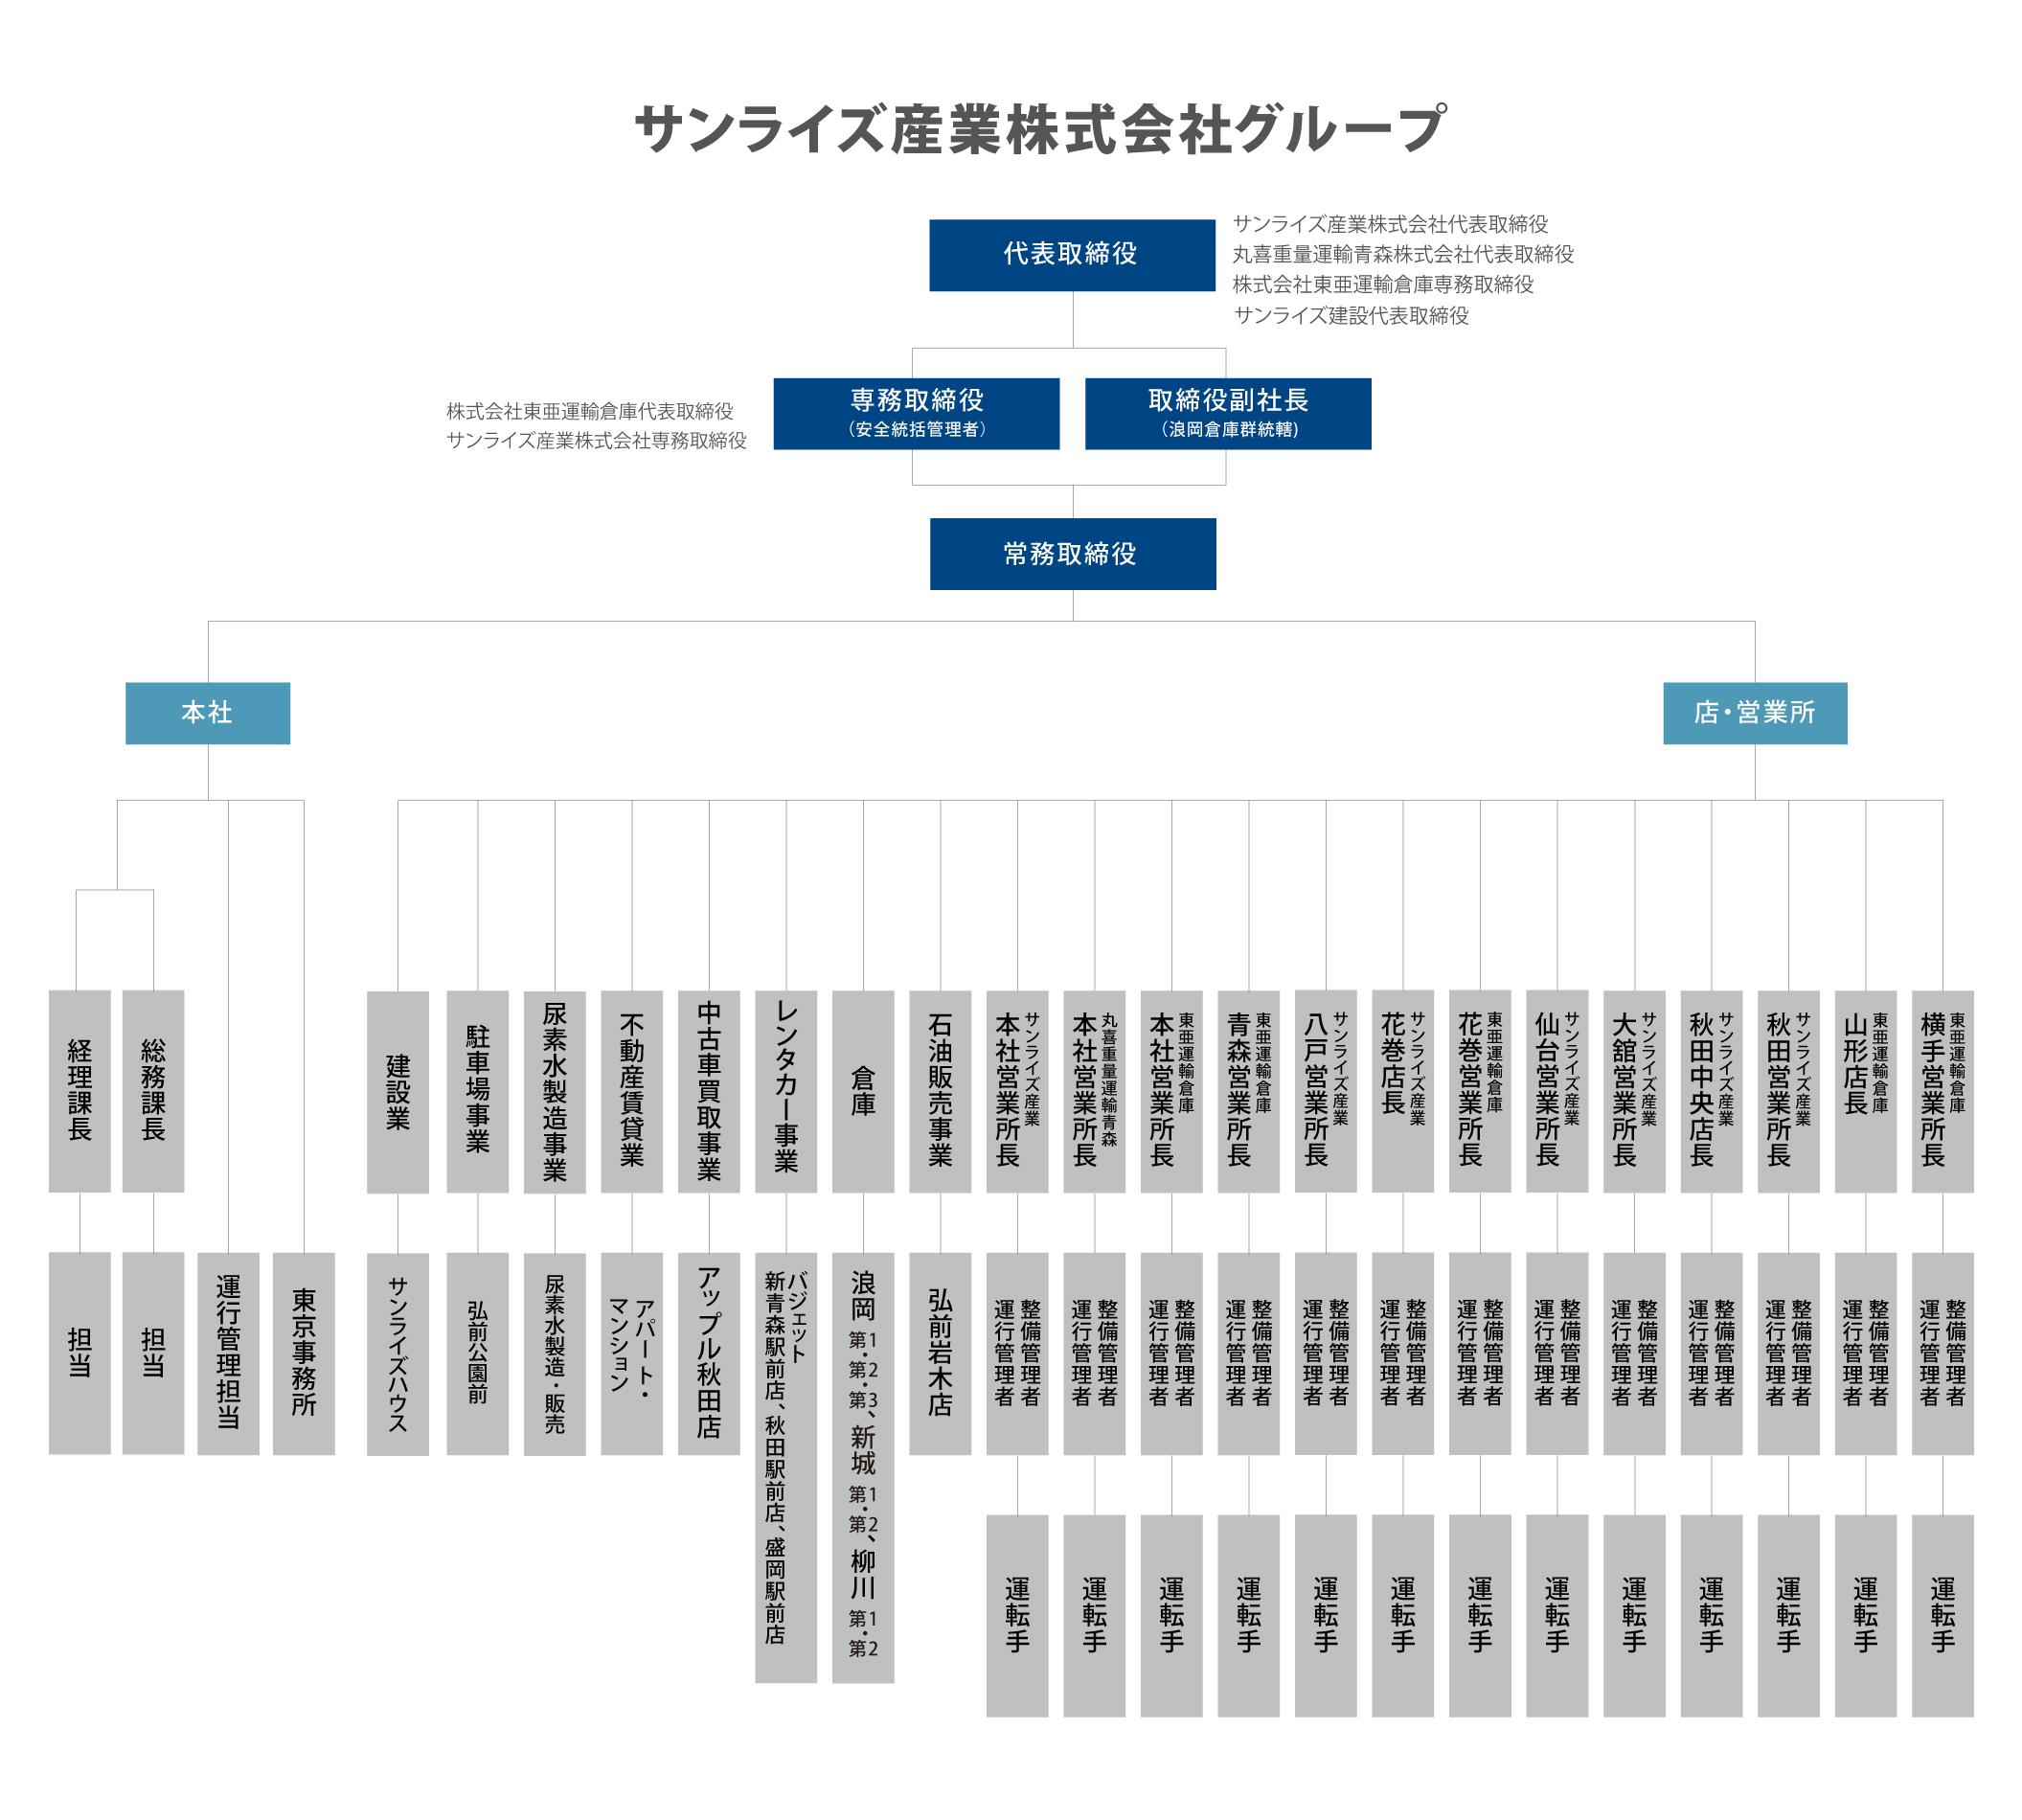 青森県の運送会社 サンライズ産業の組織図